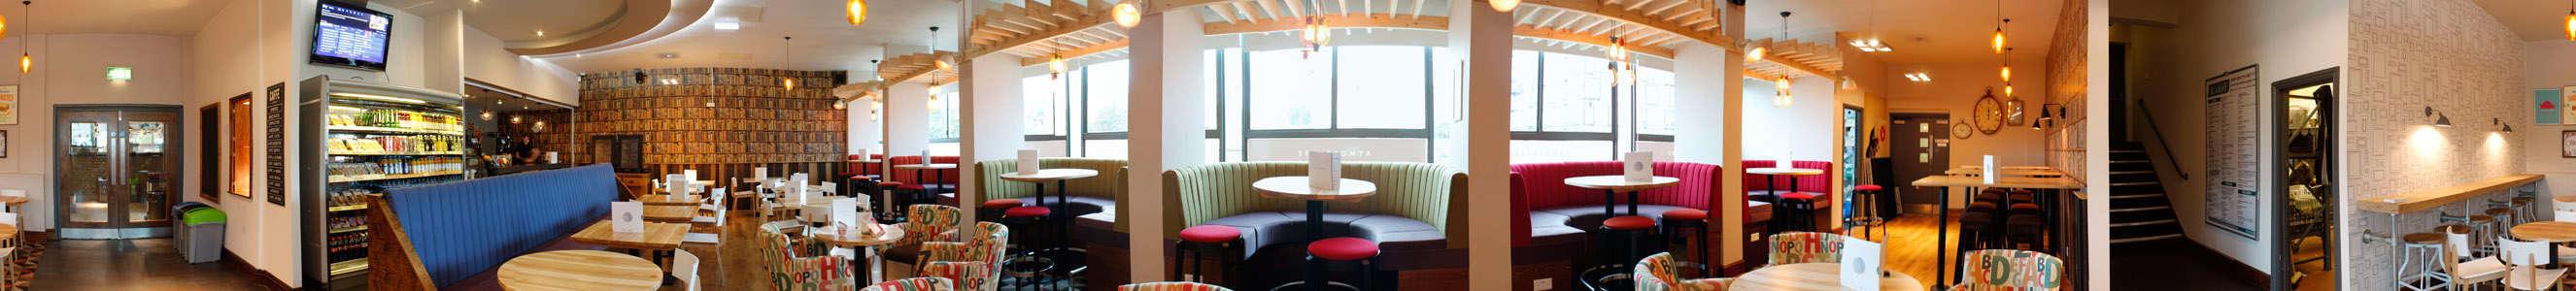 Atmosphere Café